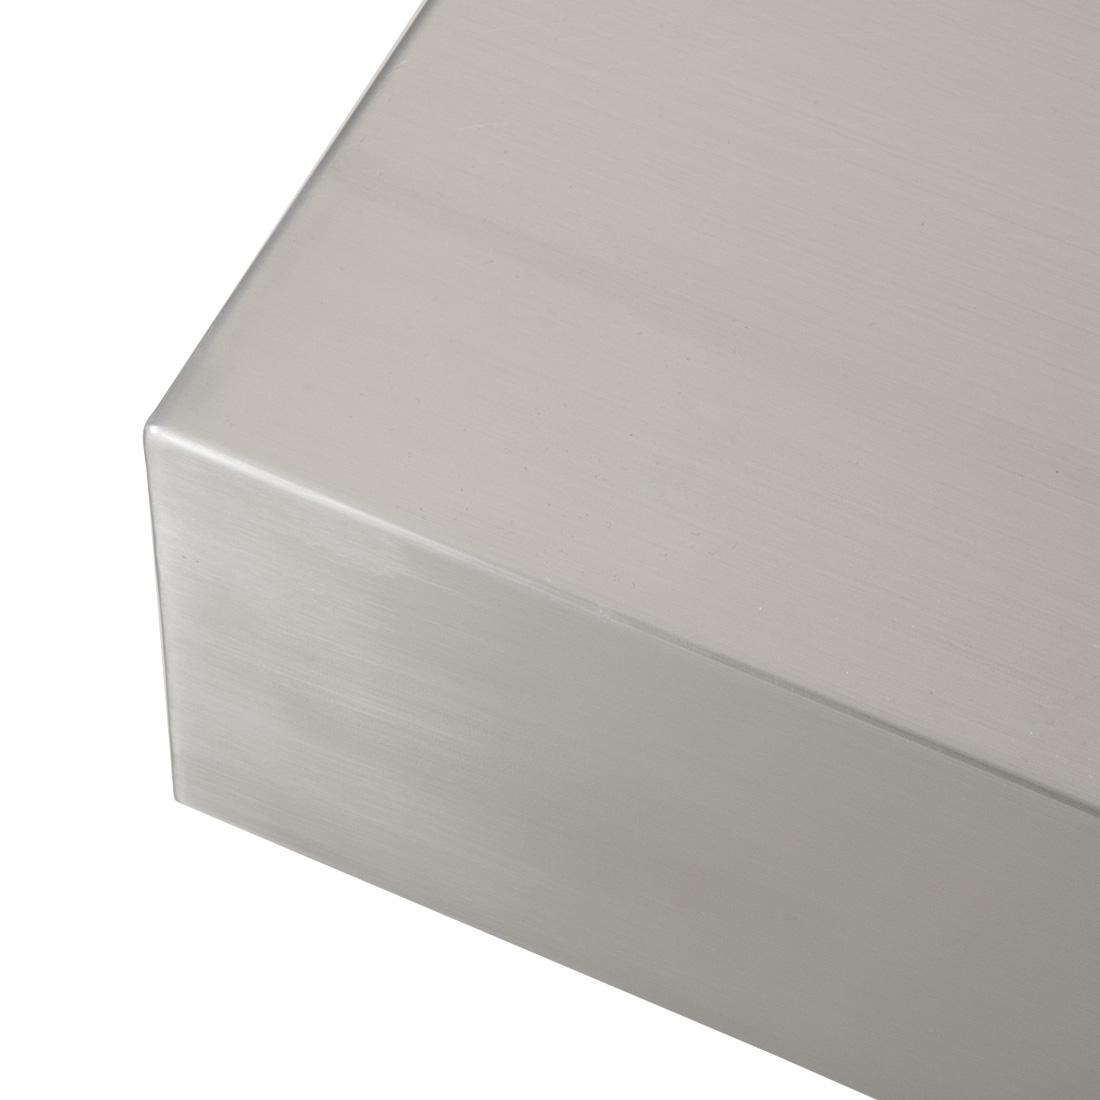 Couchtisch edelstahl 110x110cm beistelltisch wohnzimmer for Design tisch couchtisch edelstahl